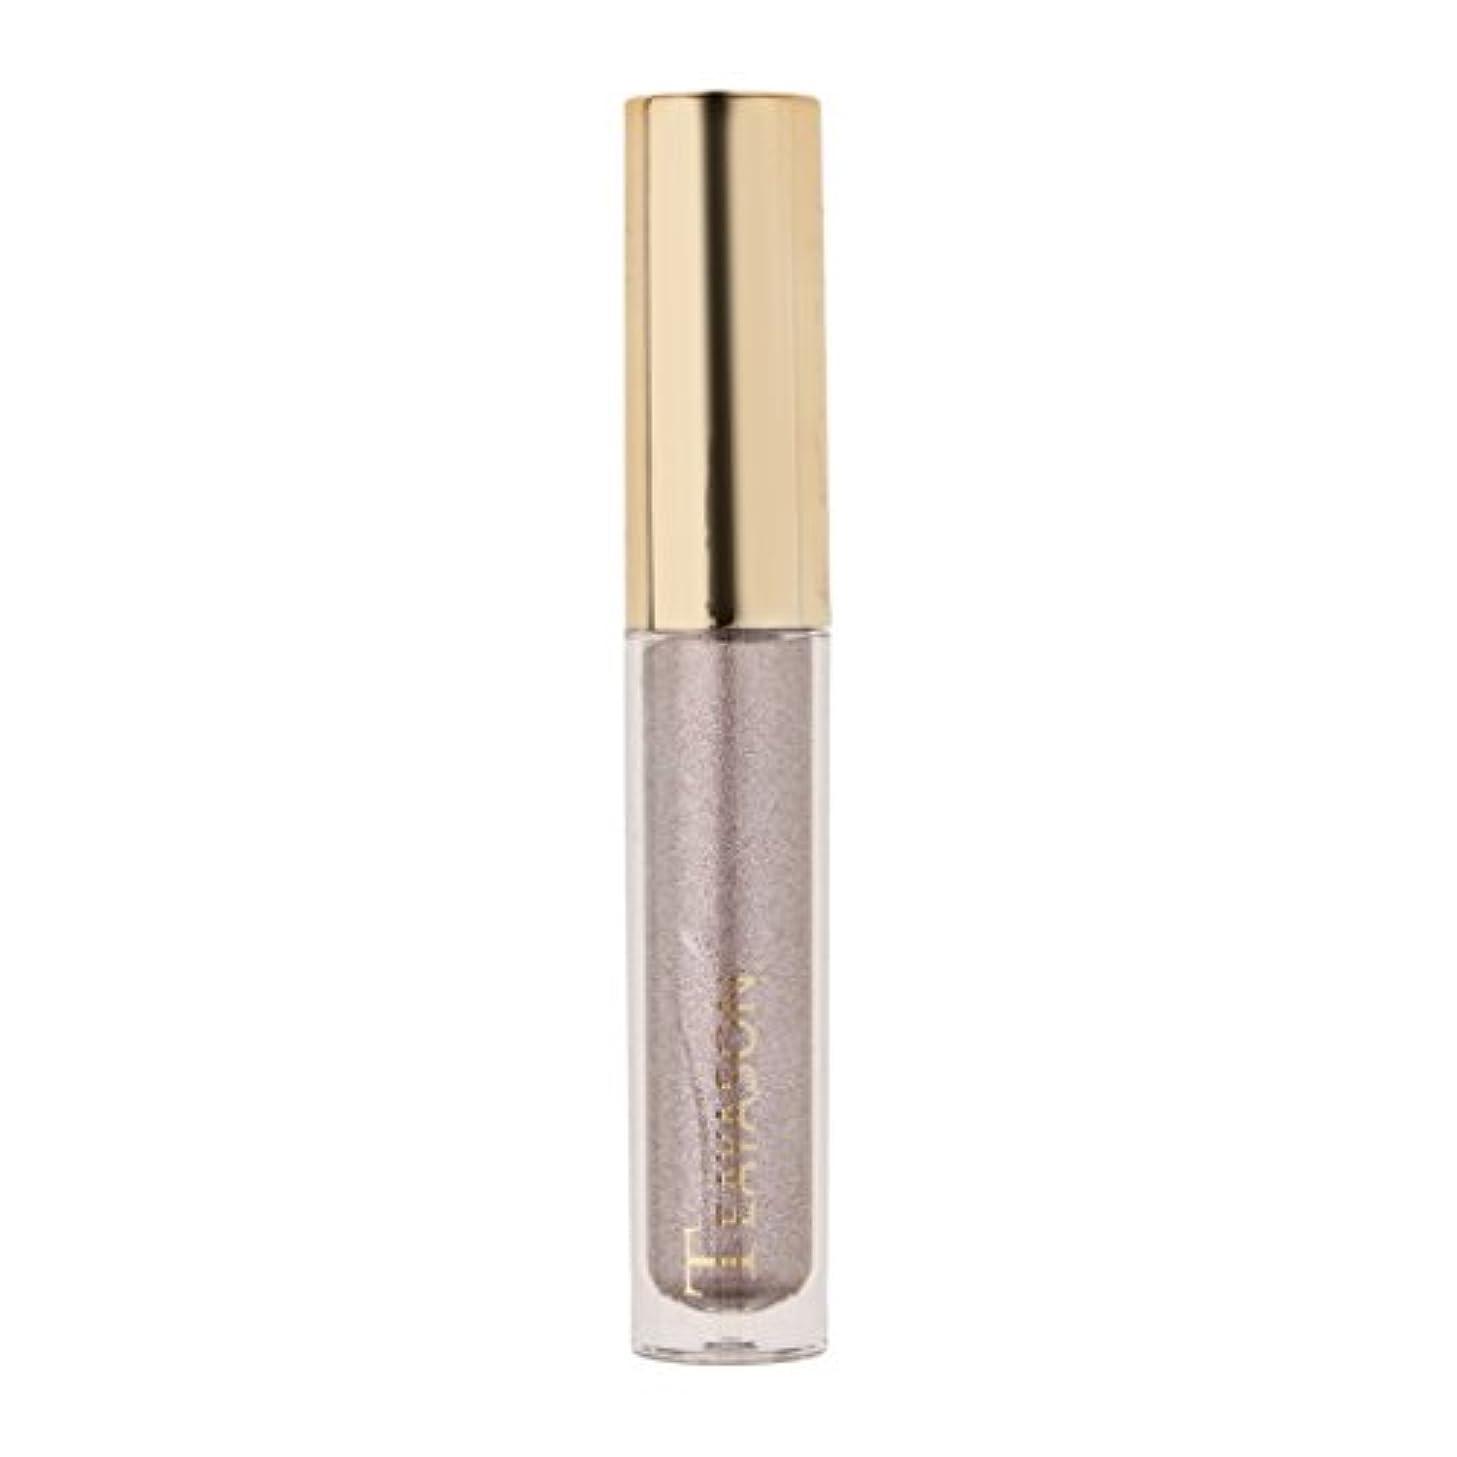 感染する外側厳密に8色液体アイシャドーキラキラシマー化粧品顔料長期持続性 - 6#